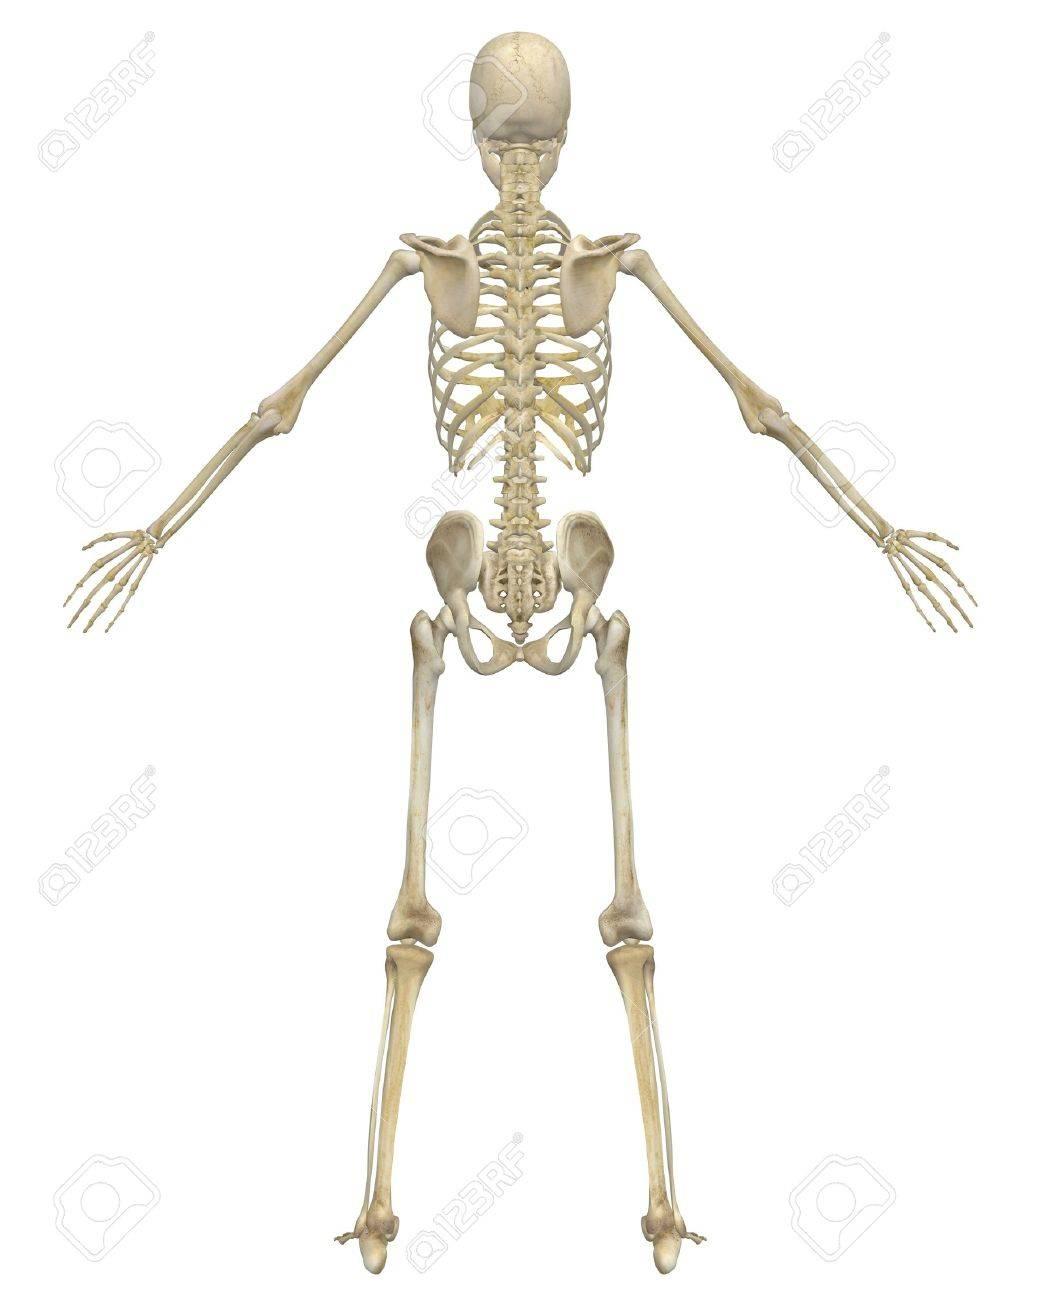 Un Ejemplo De Visión Trasera De La Anatomía Del Esqueleto Humano ...